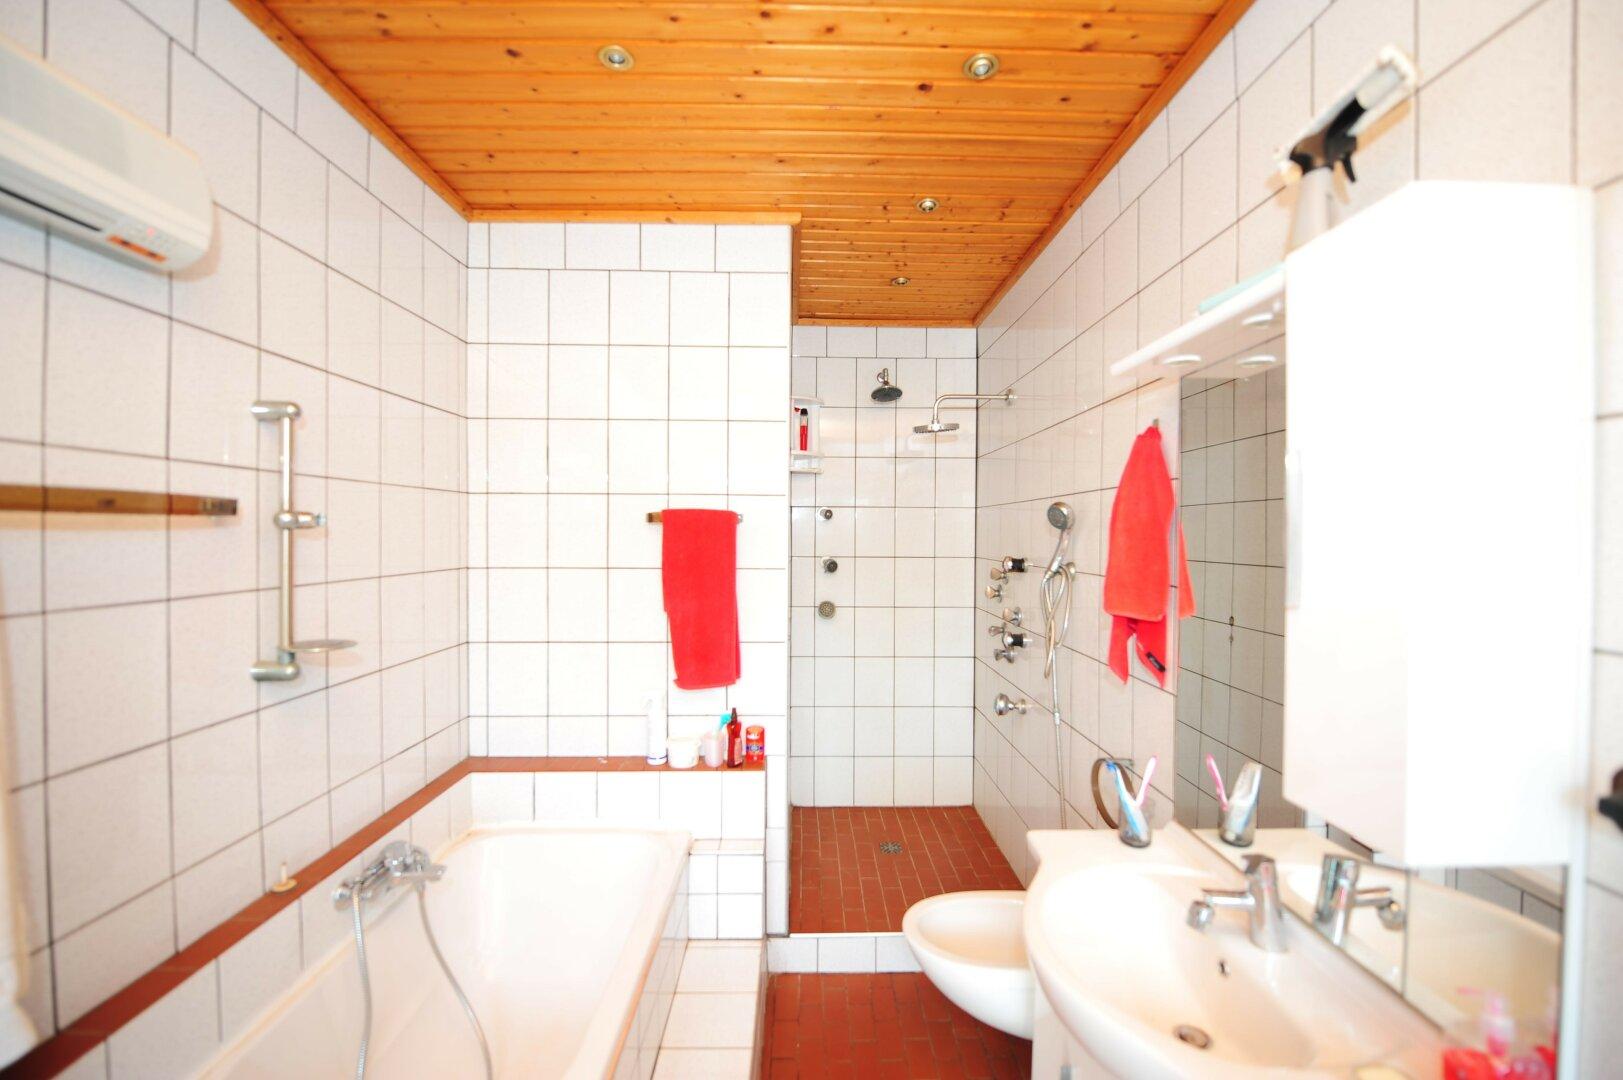 Behindertengerechtes Badezimmer in großem Wohnhaus